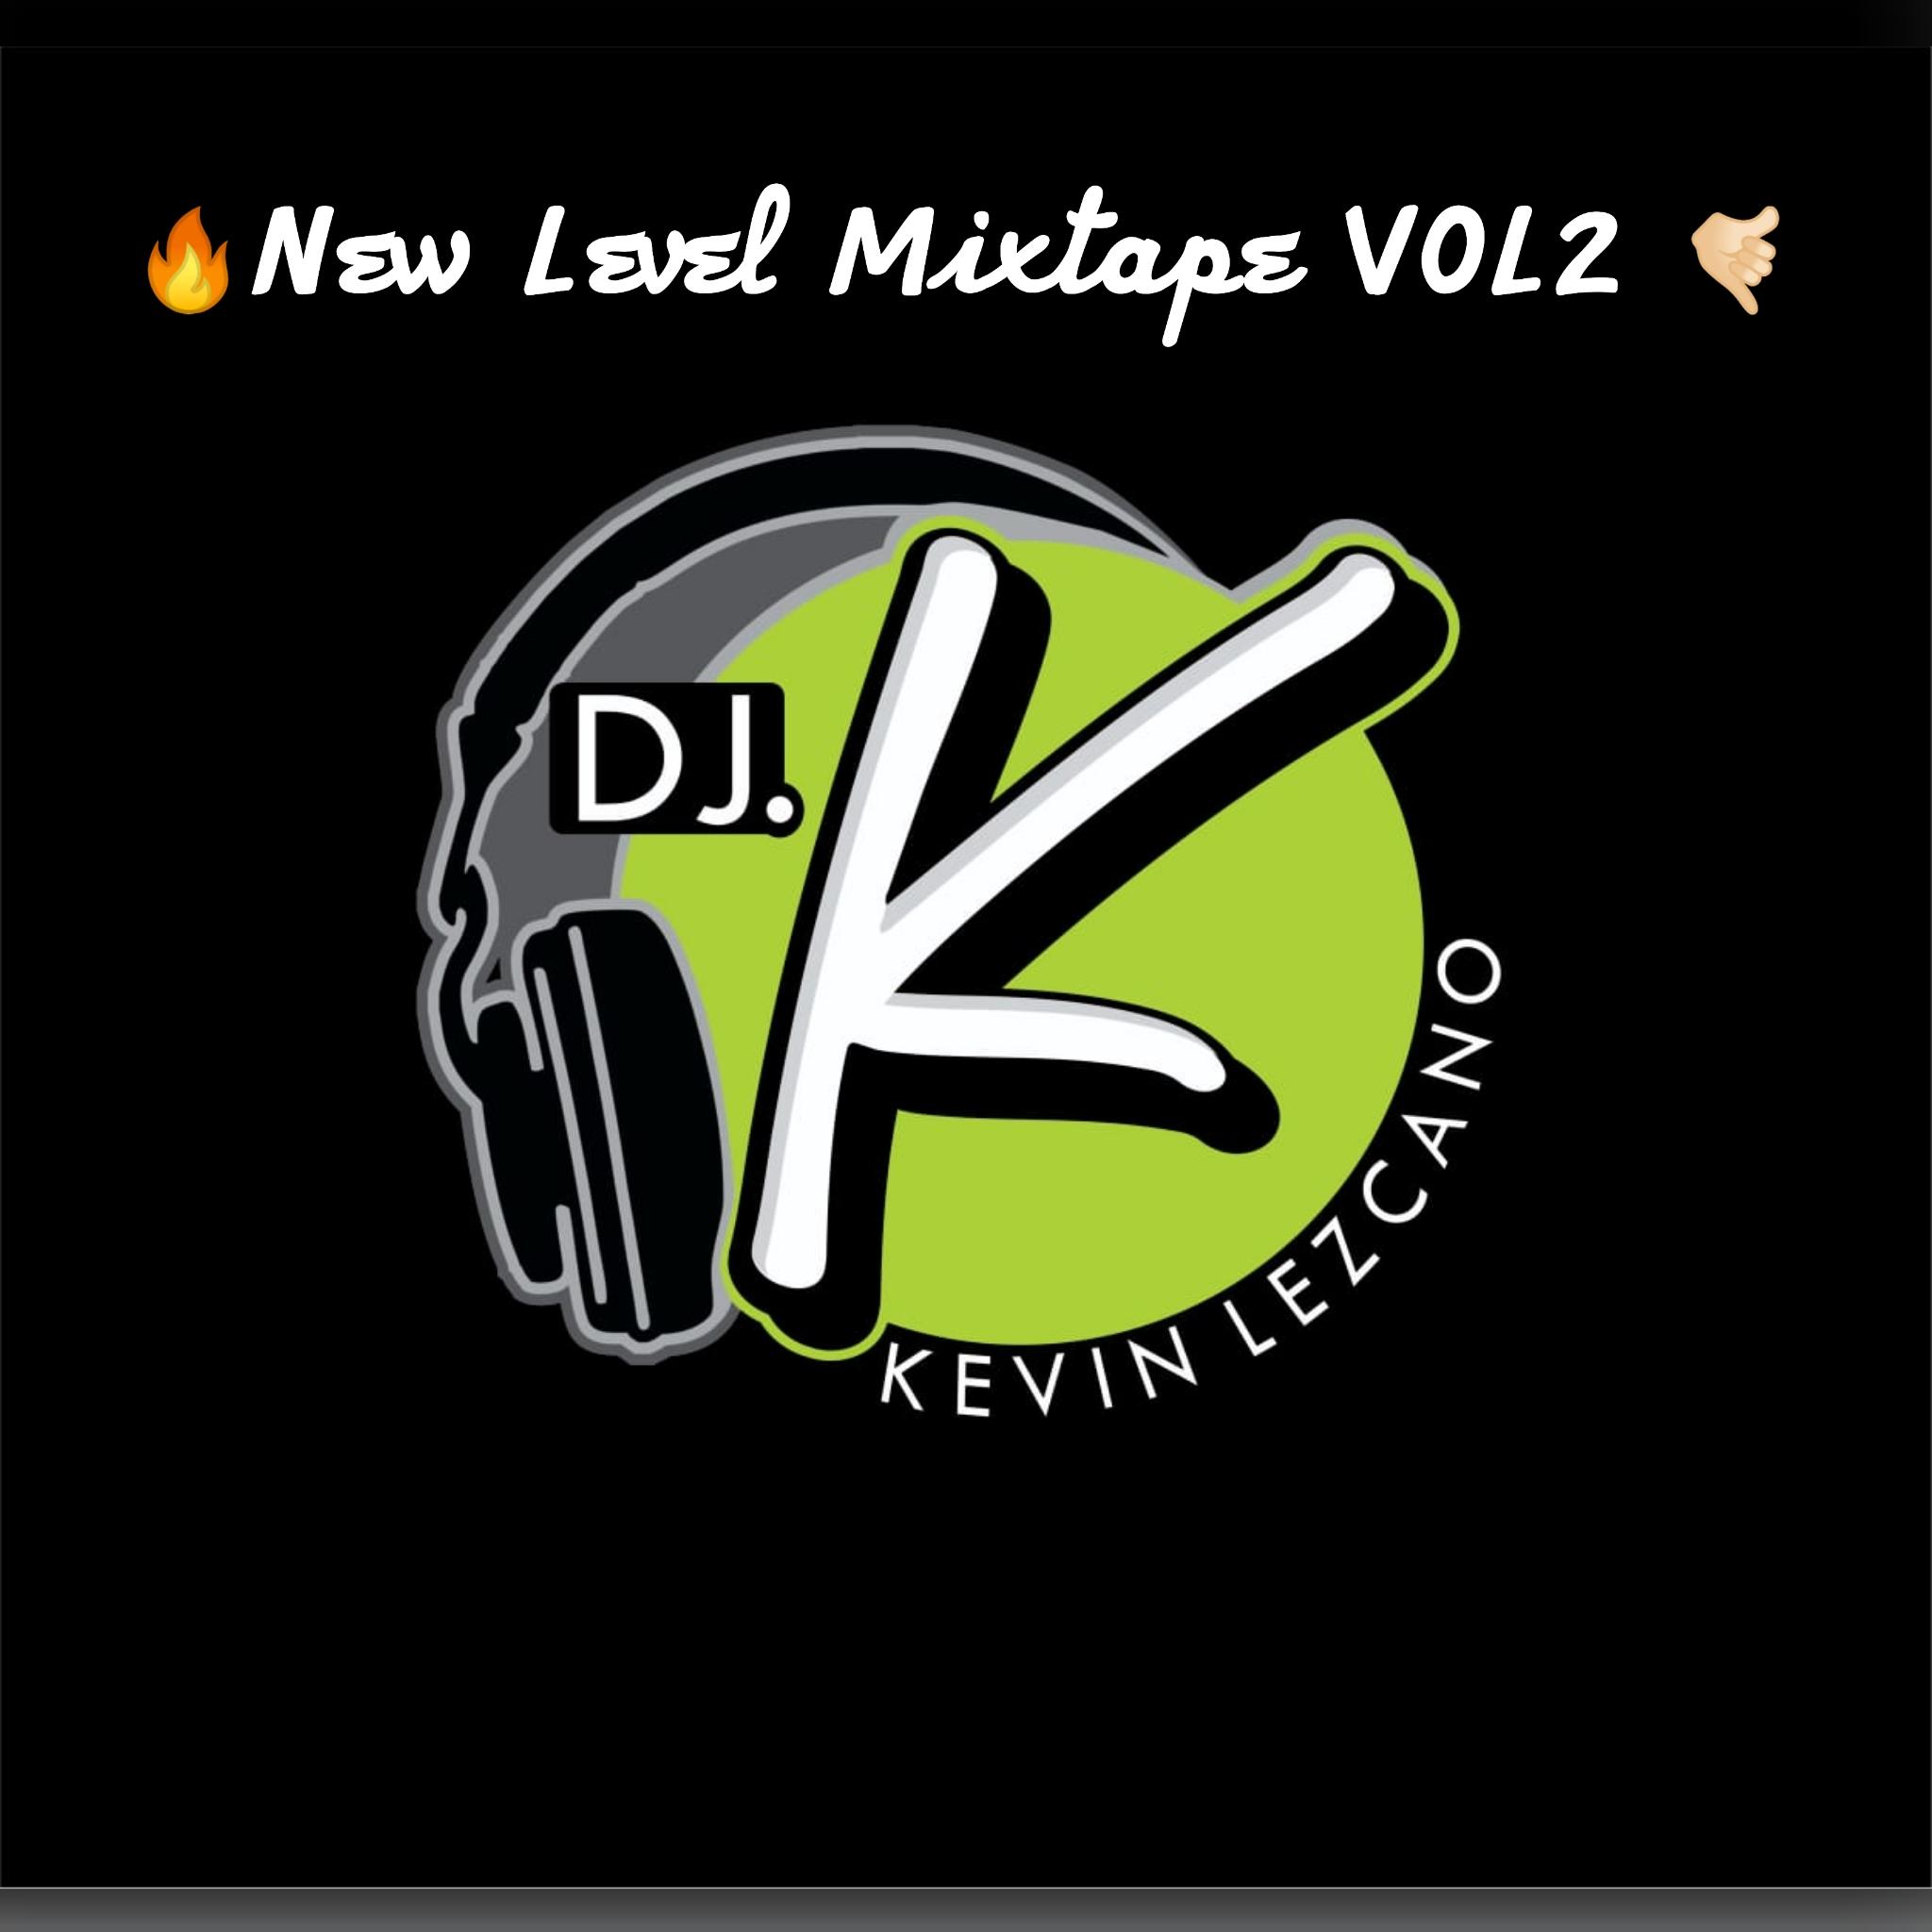 Dj Kevin Lezcano - New Level Mixtape Vol. 2